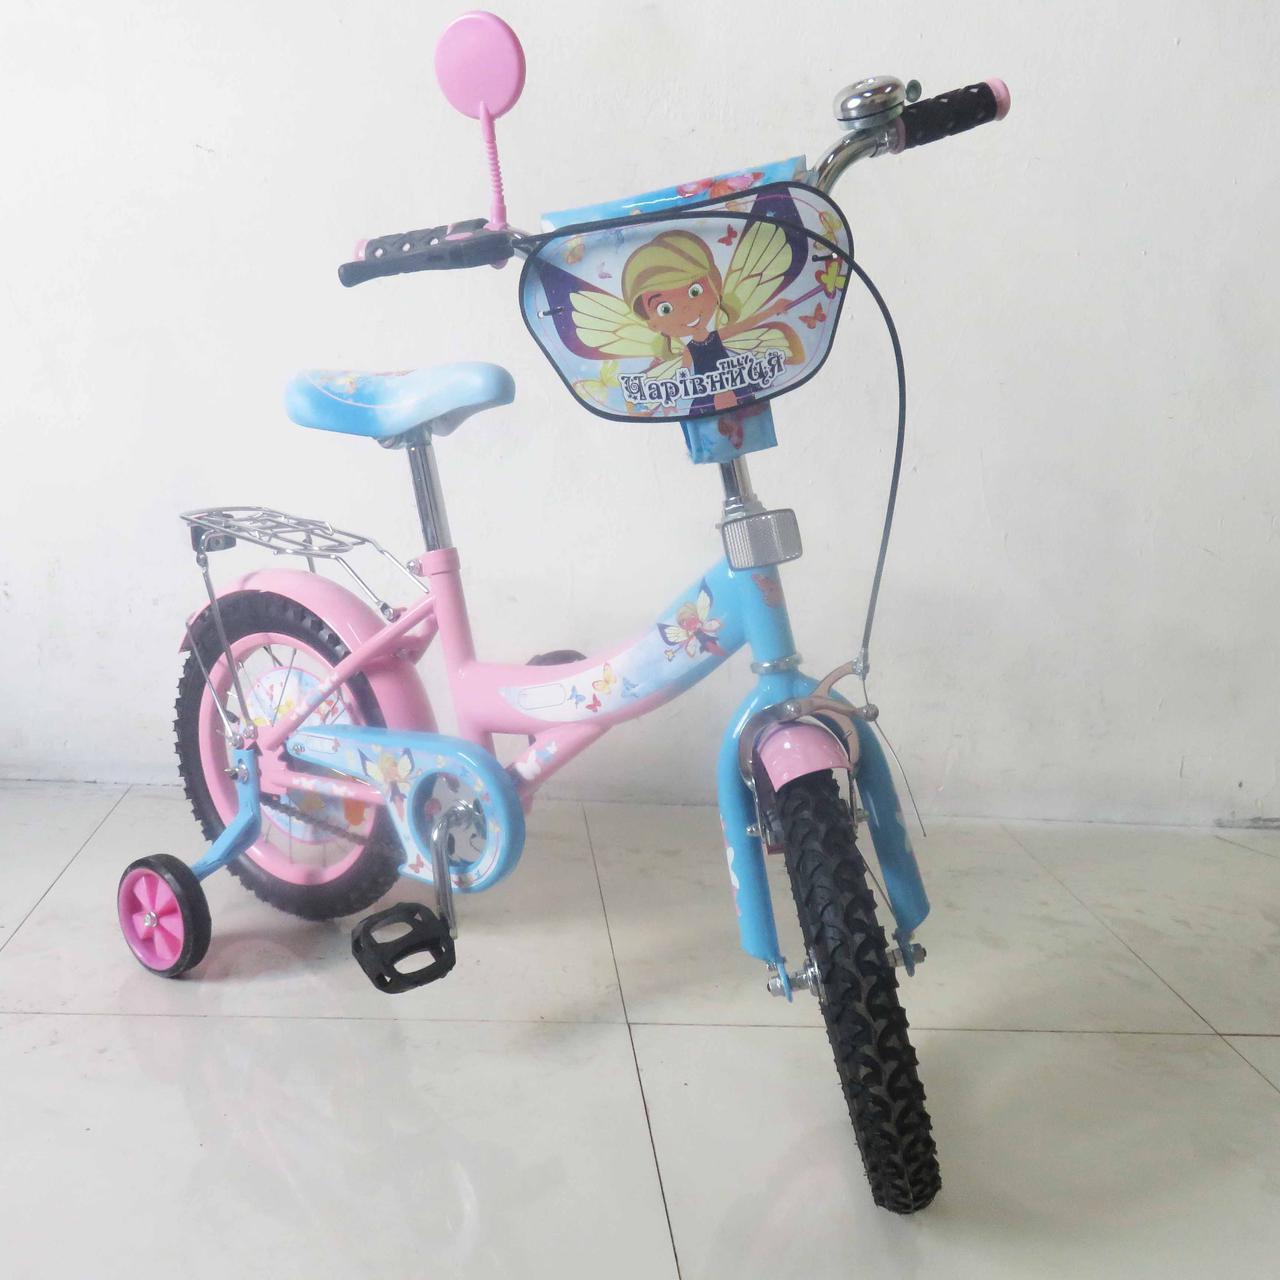 Велосипед двухколёсный детский 14 дюймов Чарівниця T-21426 pink + blue